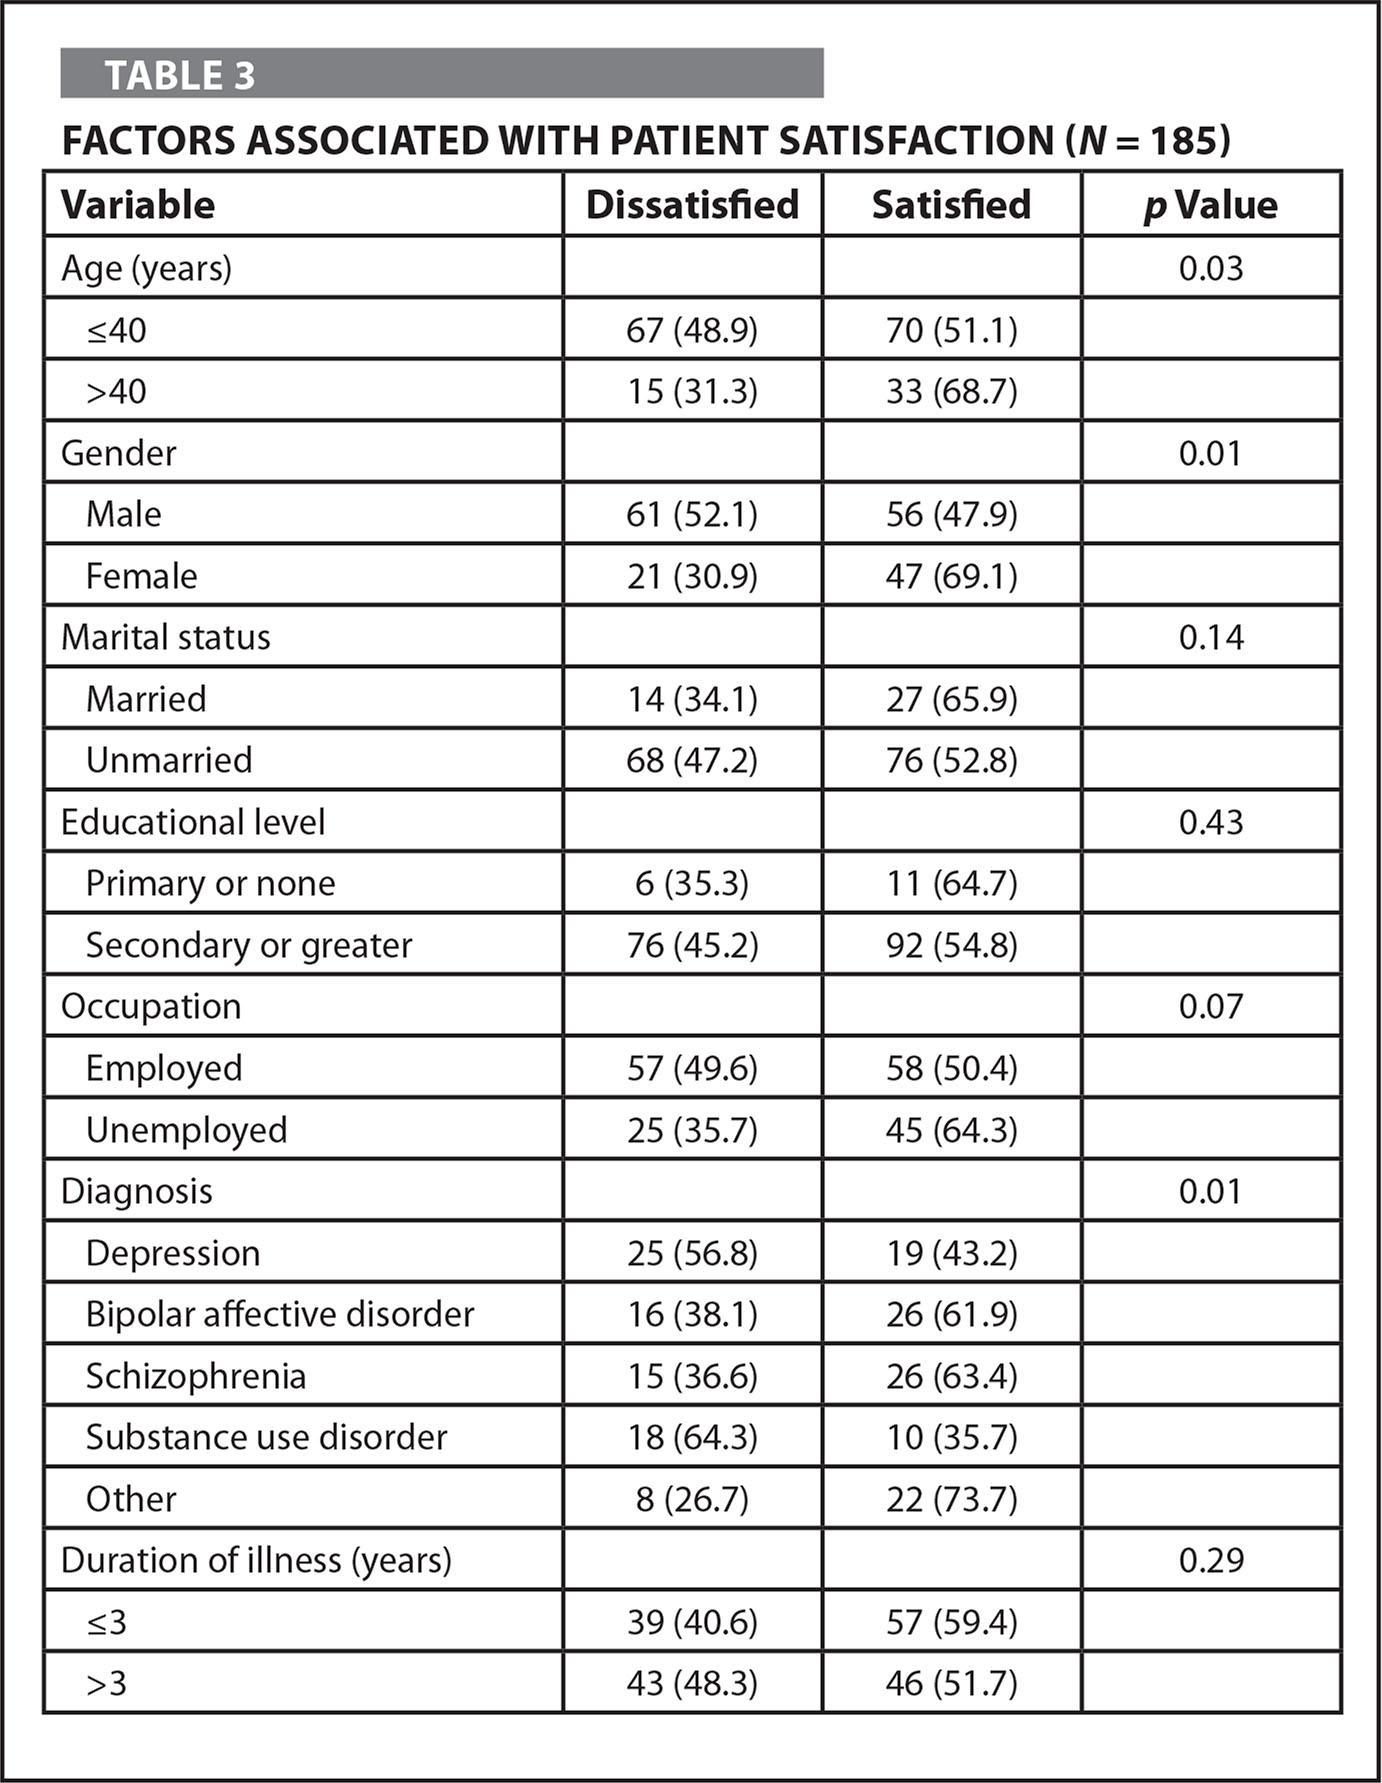 Factors Associated with Patient Satisfaction (N = 185)